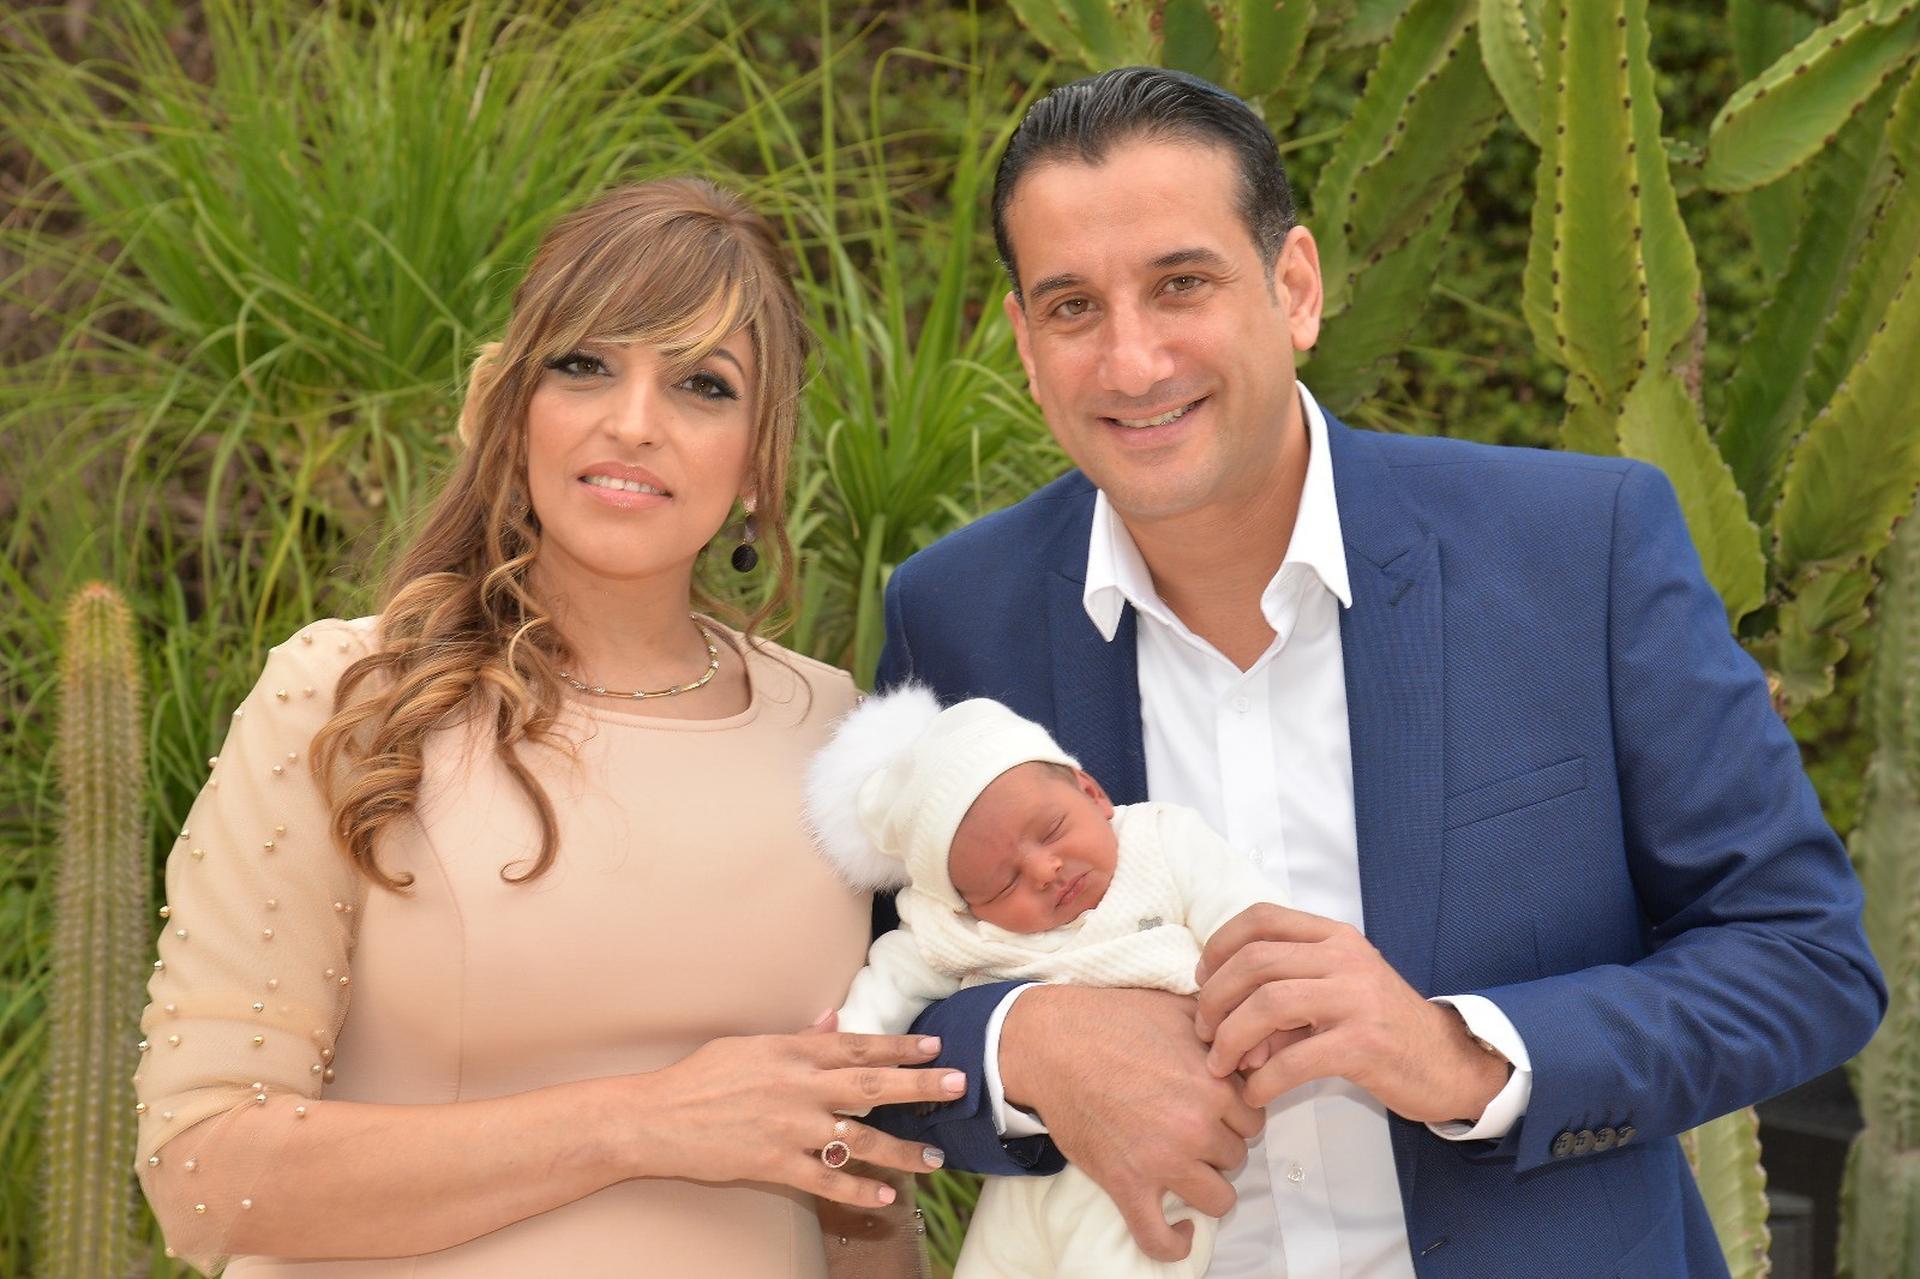 הזוג המאושר עם בנם. צילום: אבי את אבי